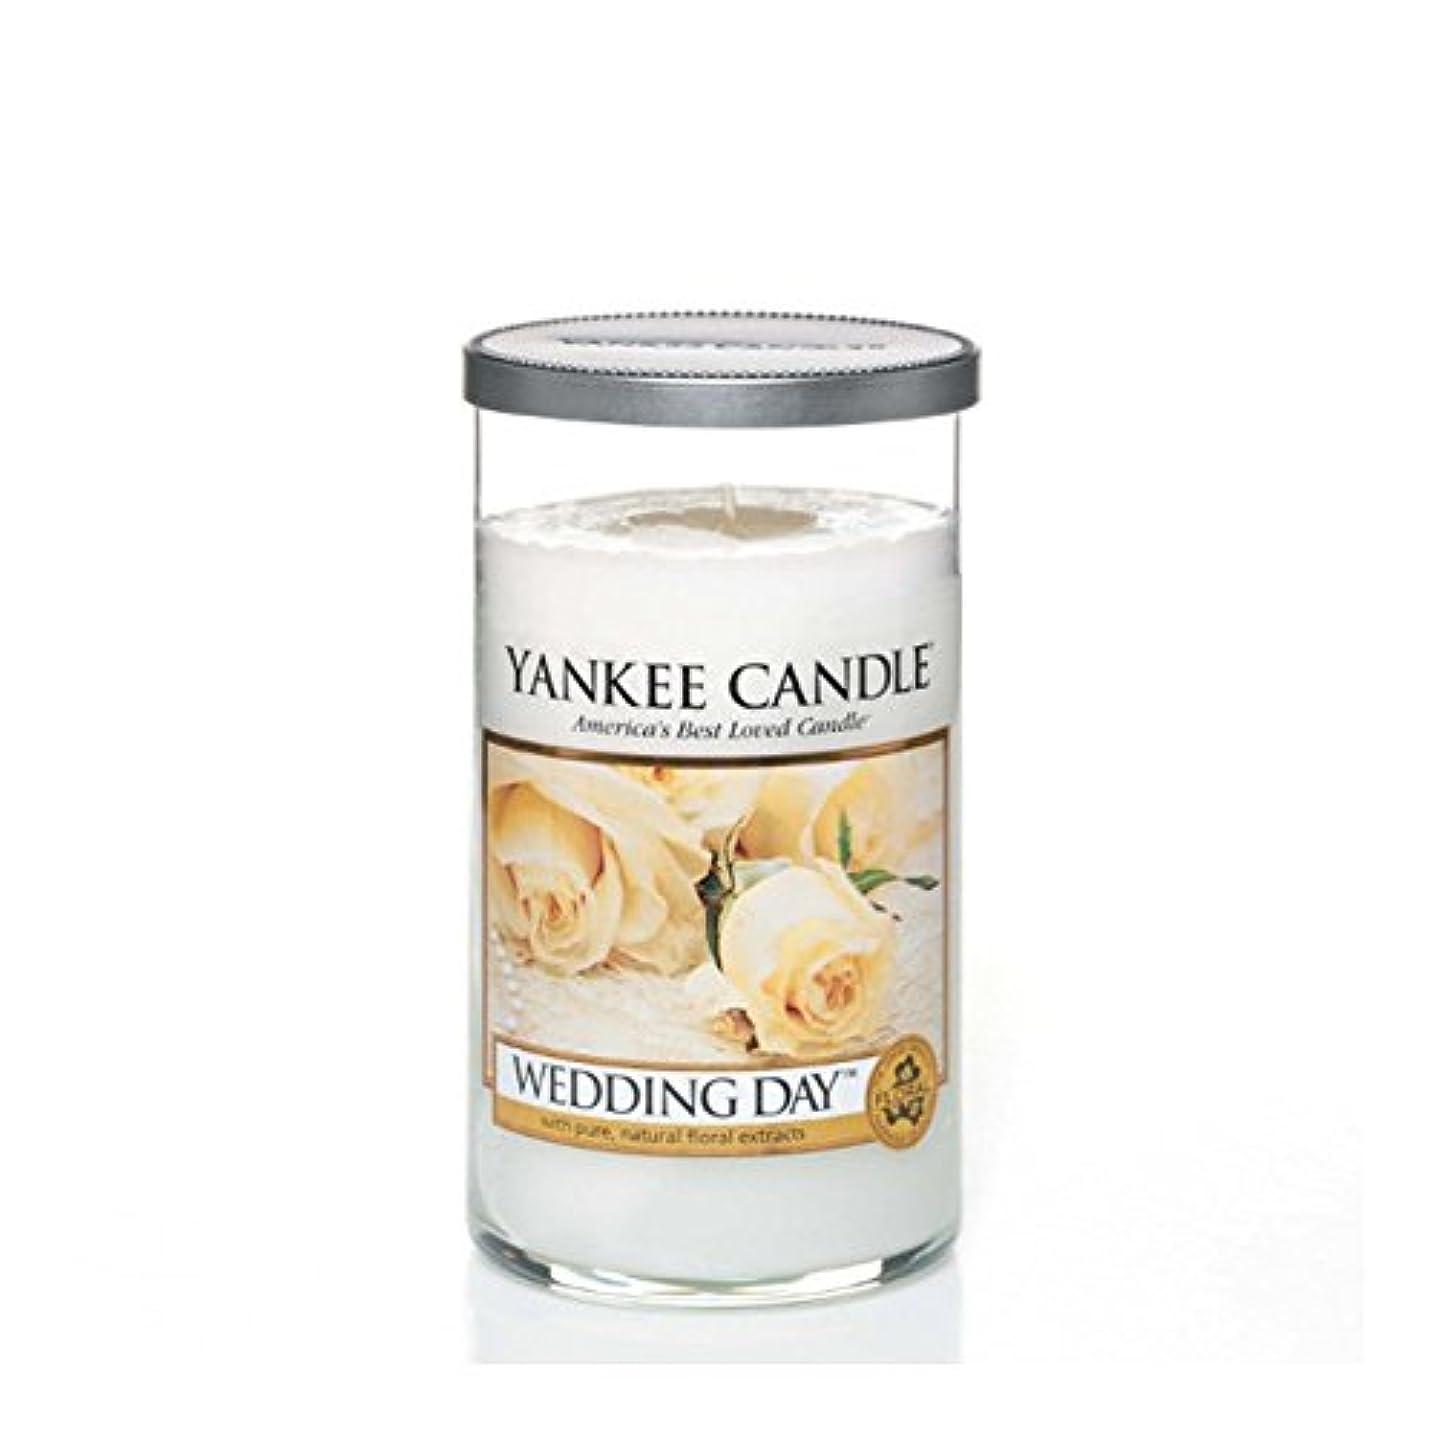 姿勢課税ずるいヤンキーキャンドルメディアピラーキャンドル - 結婚式の日 - Yankee Candles Medium Pillar Candle - Wedding Day (Yankee Candles) [並行輸入品]